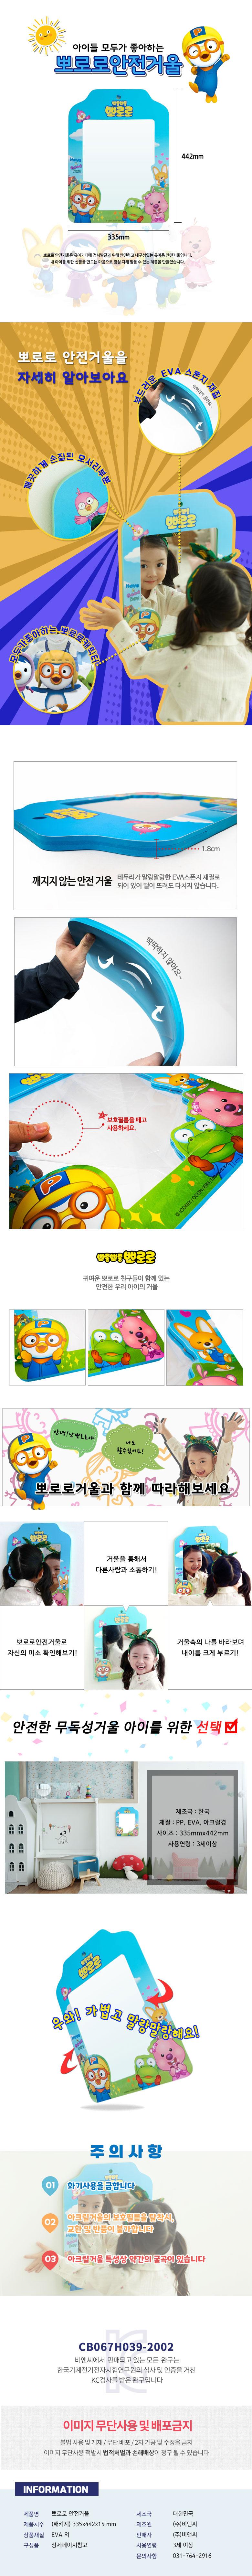 뽀로로 안전거울 유아용 거울 - 비앤씨, 30,000원, 교육완구, 역할놀이완구